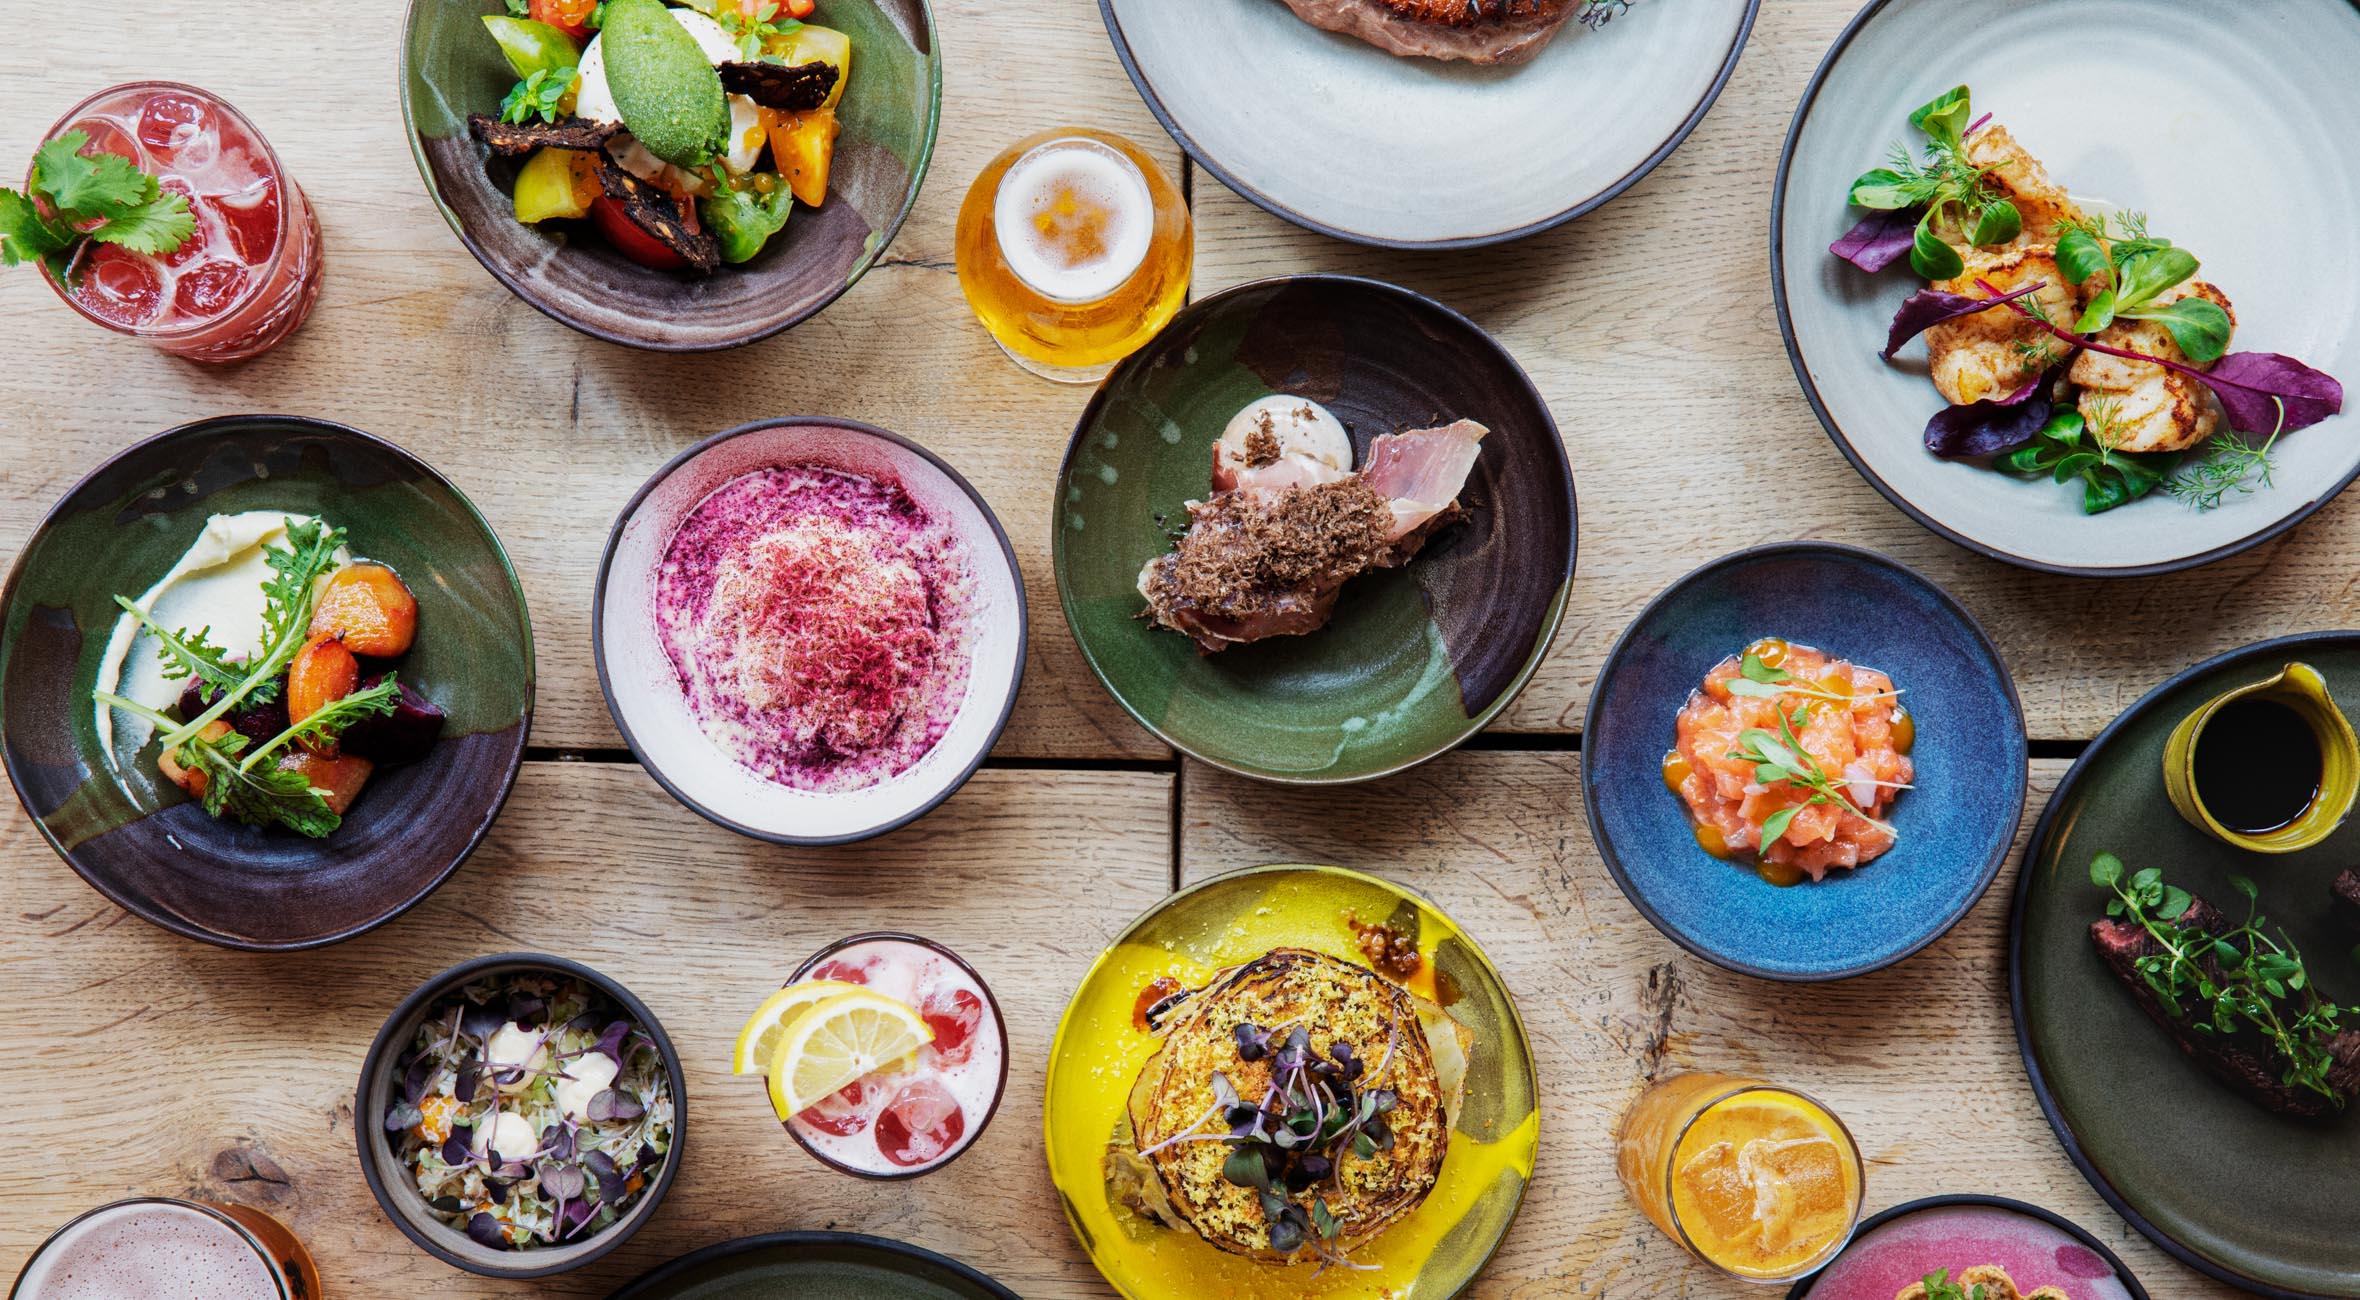 11-retters menu hos Møller Bar & Køkken på Nørrebro – Hip brunch-restaurant lancerer aftenmenu med små delevenlige retter